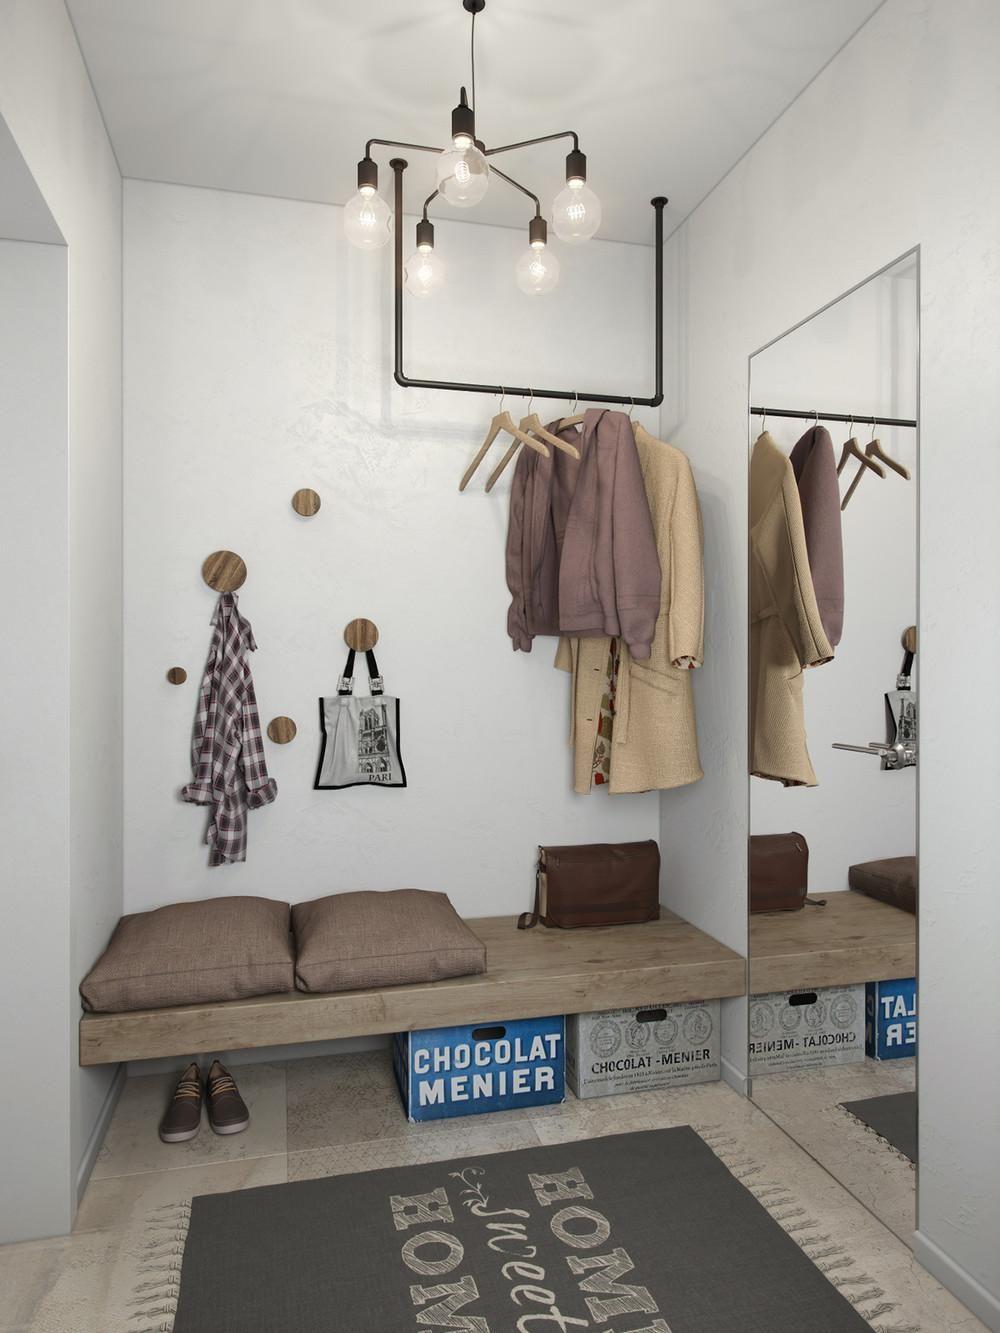 Haus flur design-ideen interior design haus  kleine wohnung dekor  modedesigns küche